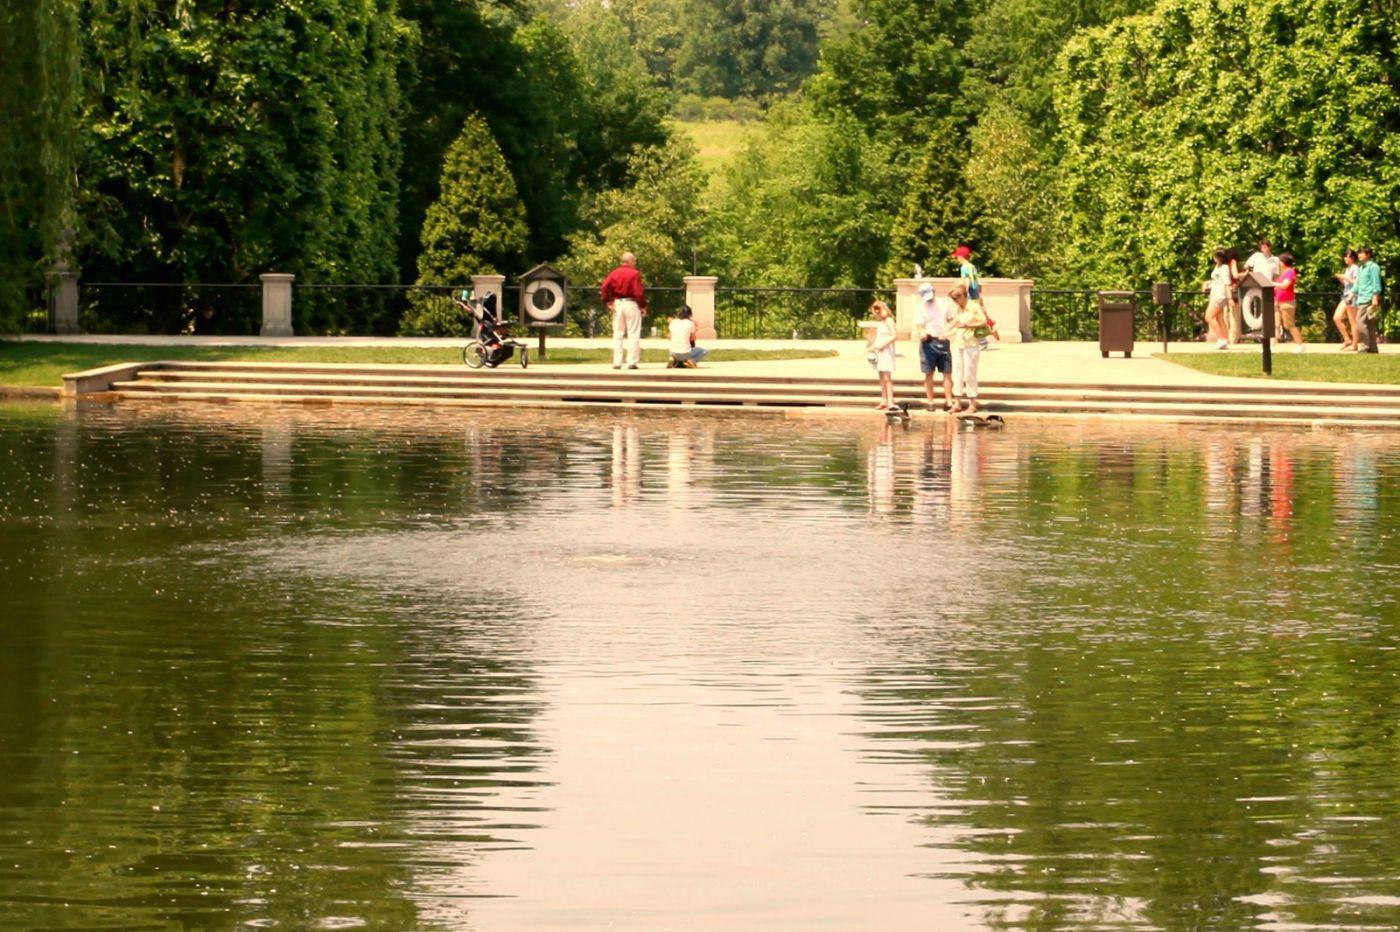 宾州长木公园,过往的记忆_图1-38